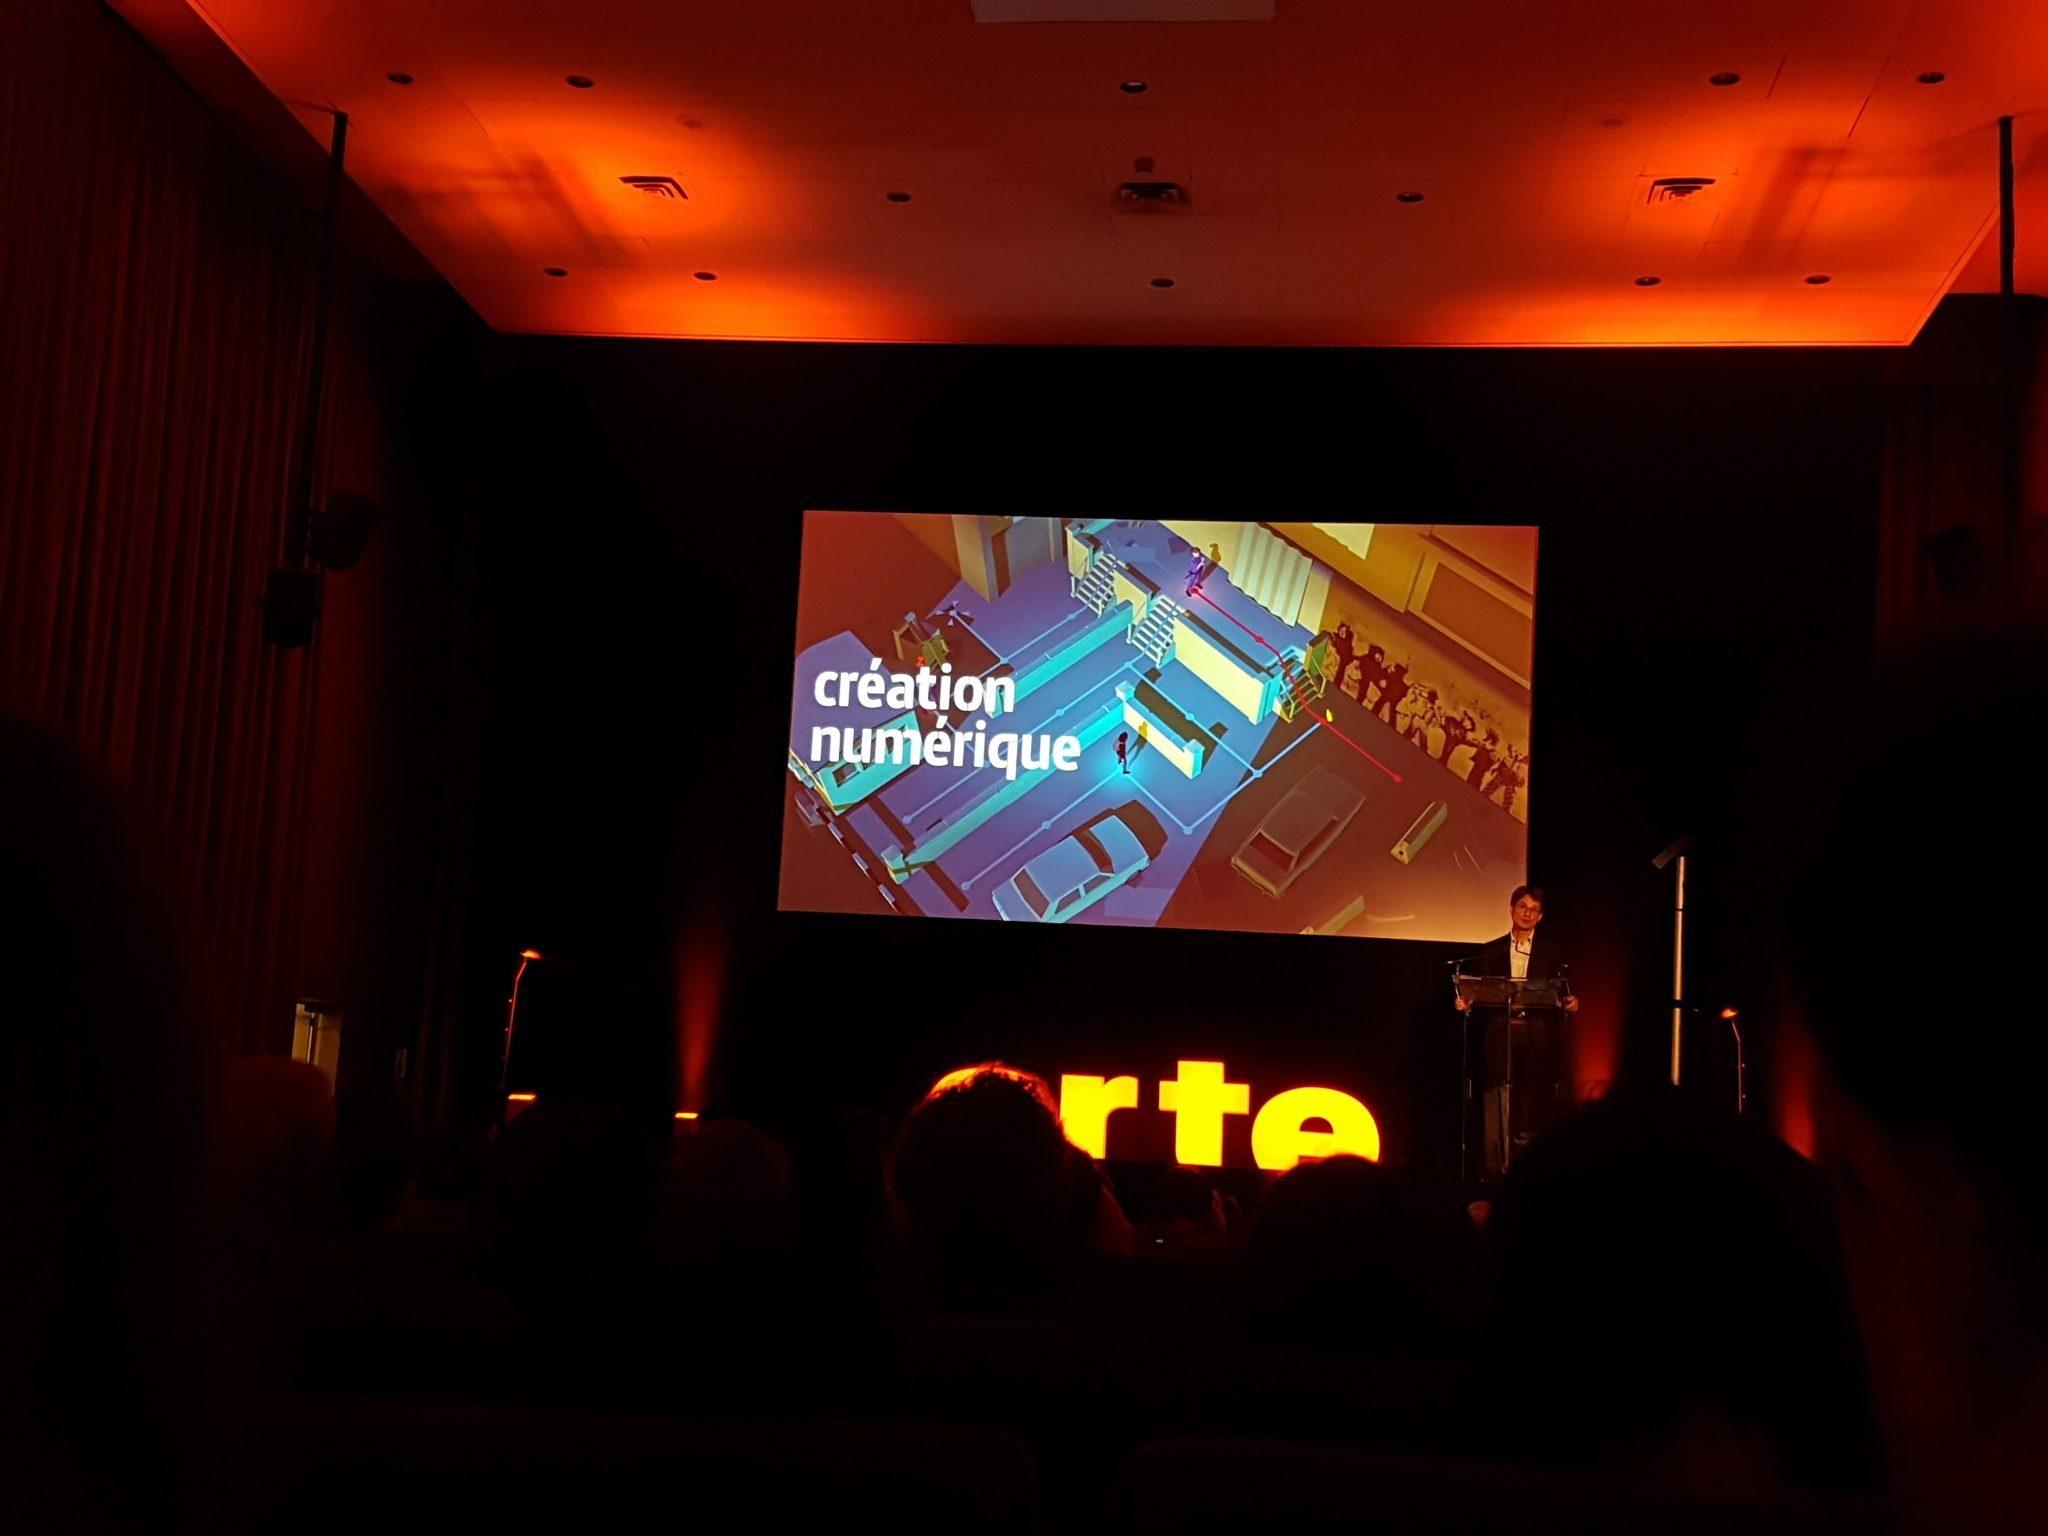 ARTE rentrée 2017 image création numérique